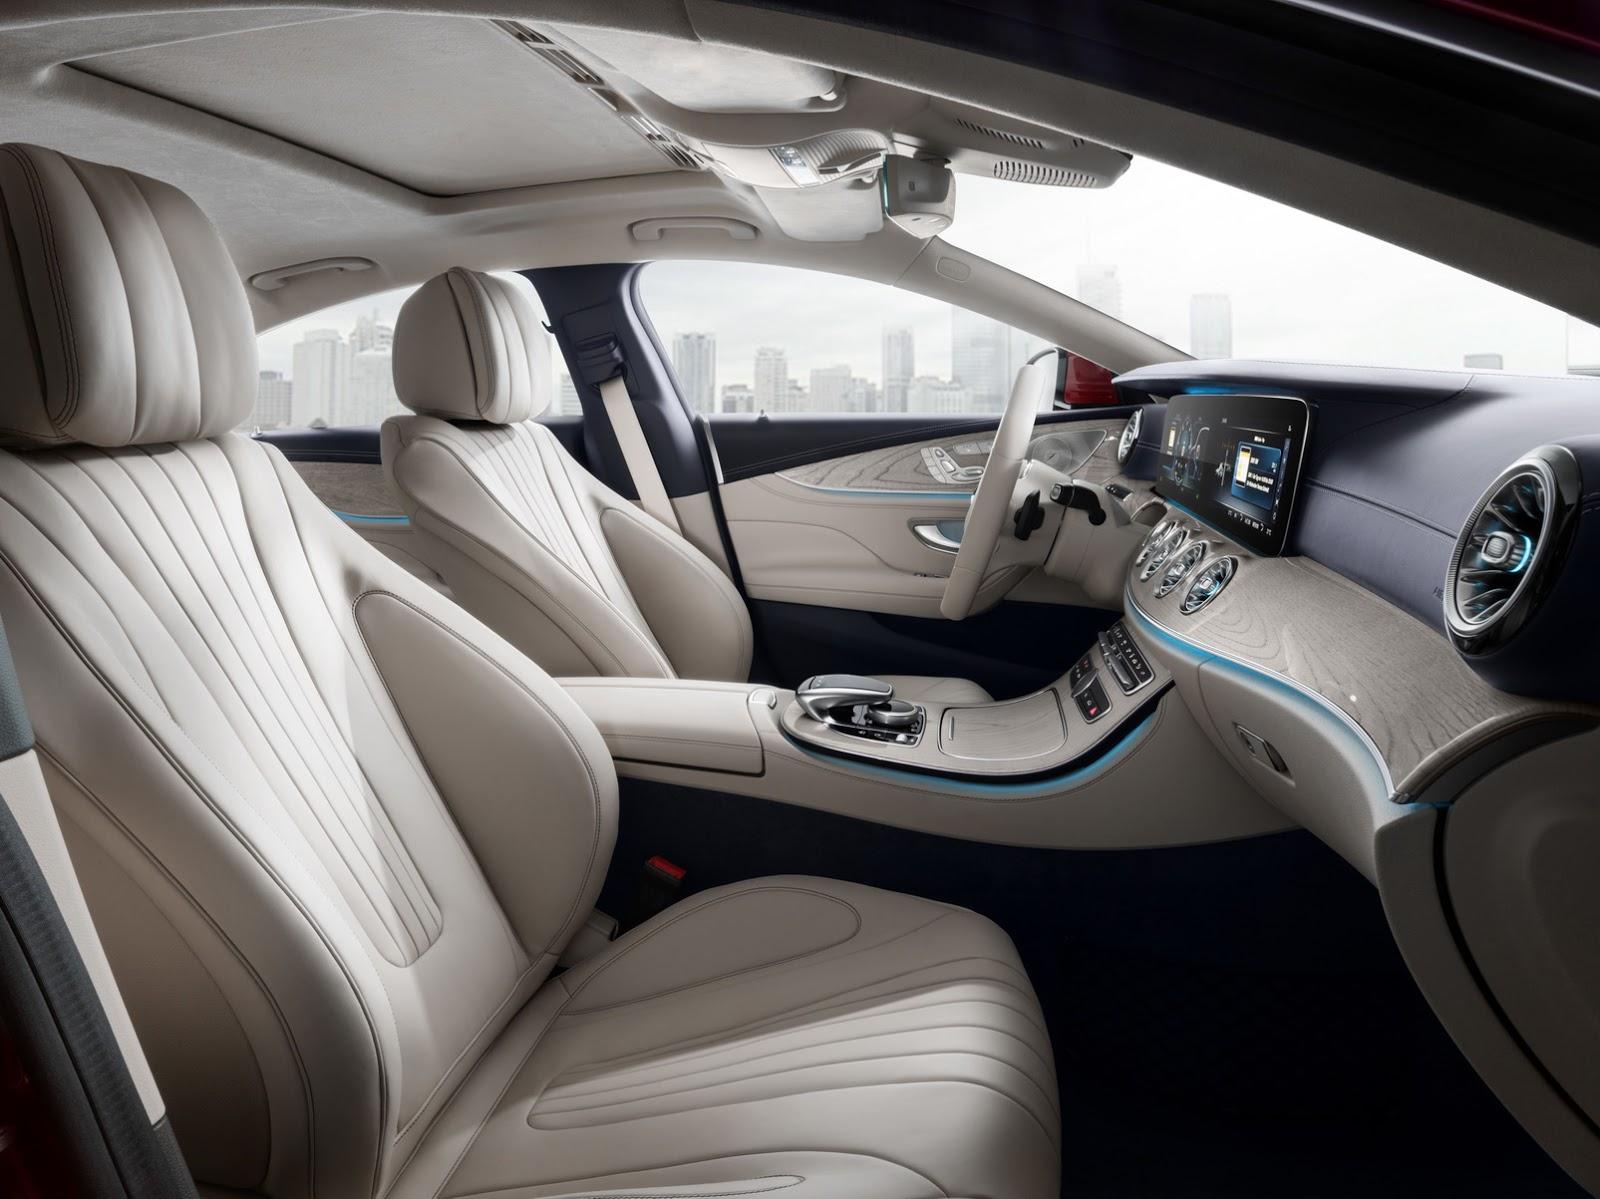 Xe++ - Mercedes-Benz công bố giá CLS 2019, khởi điểm từ 2,1 tỷ đồng (Hình 9).